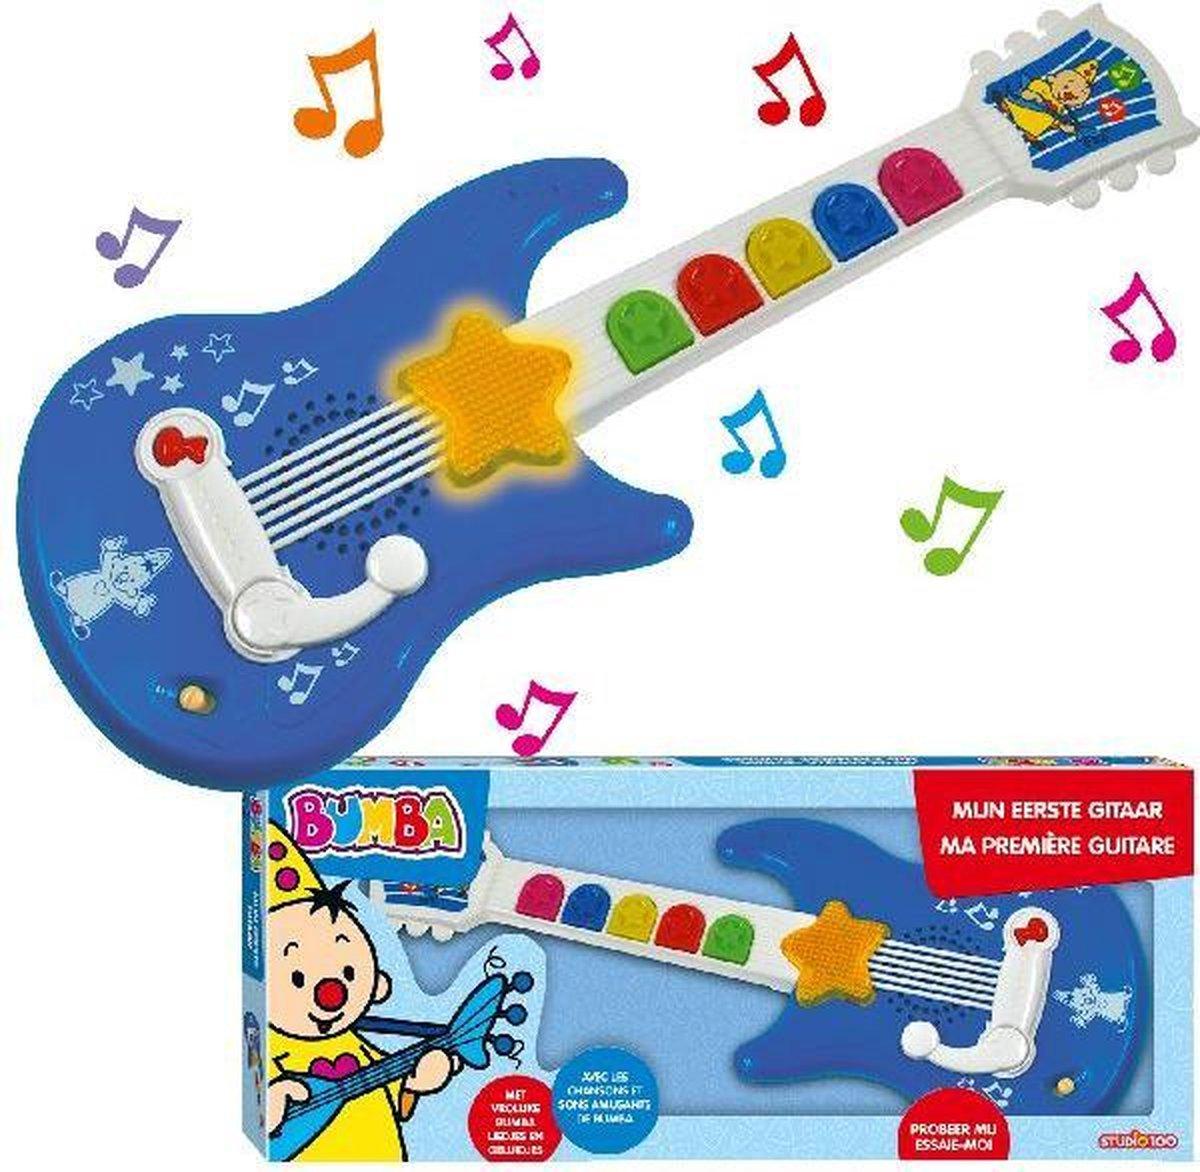 Bumba mijn eerste gitaar - Speelgoedgitaar